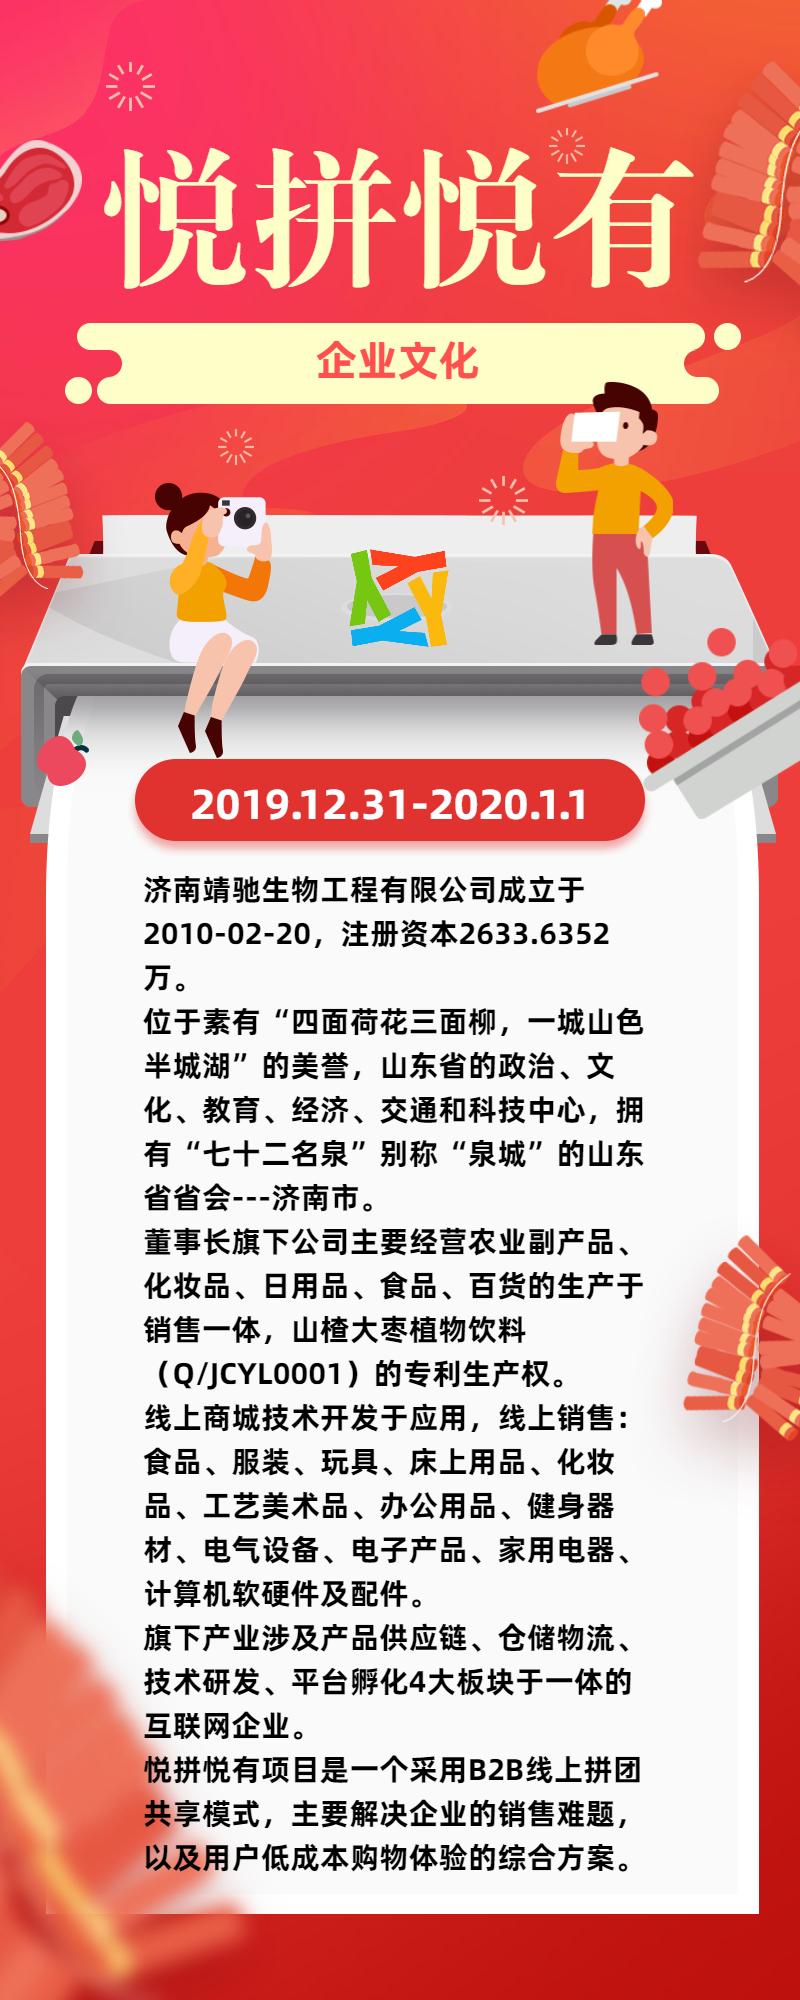 图片[3]-《悦拼悦有》拼团下月初上线,无限代扶持35,团队长级别扶持对接-首码社